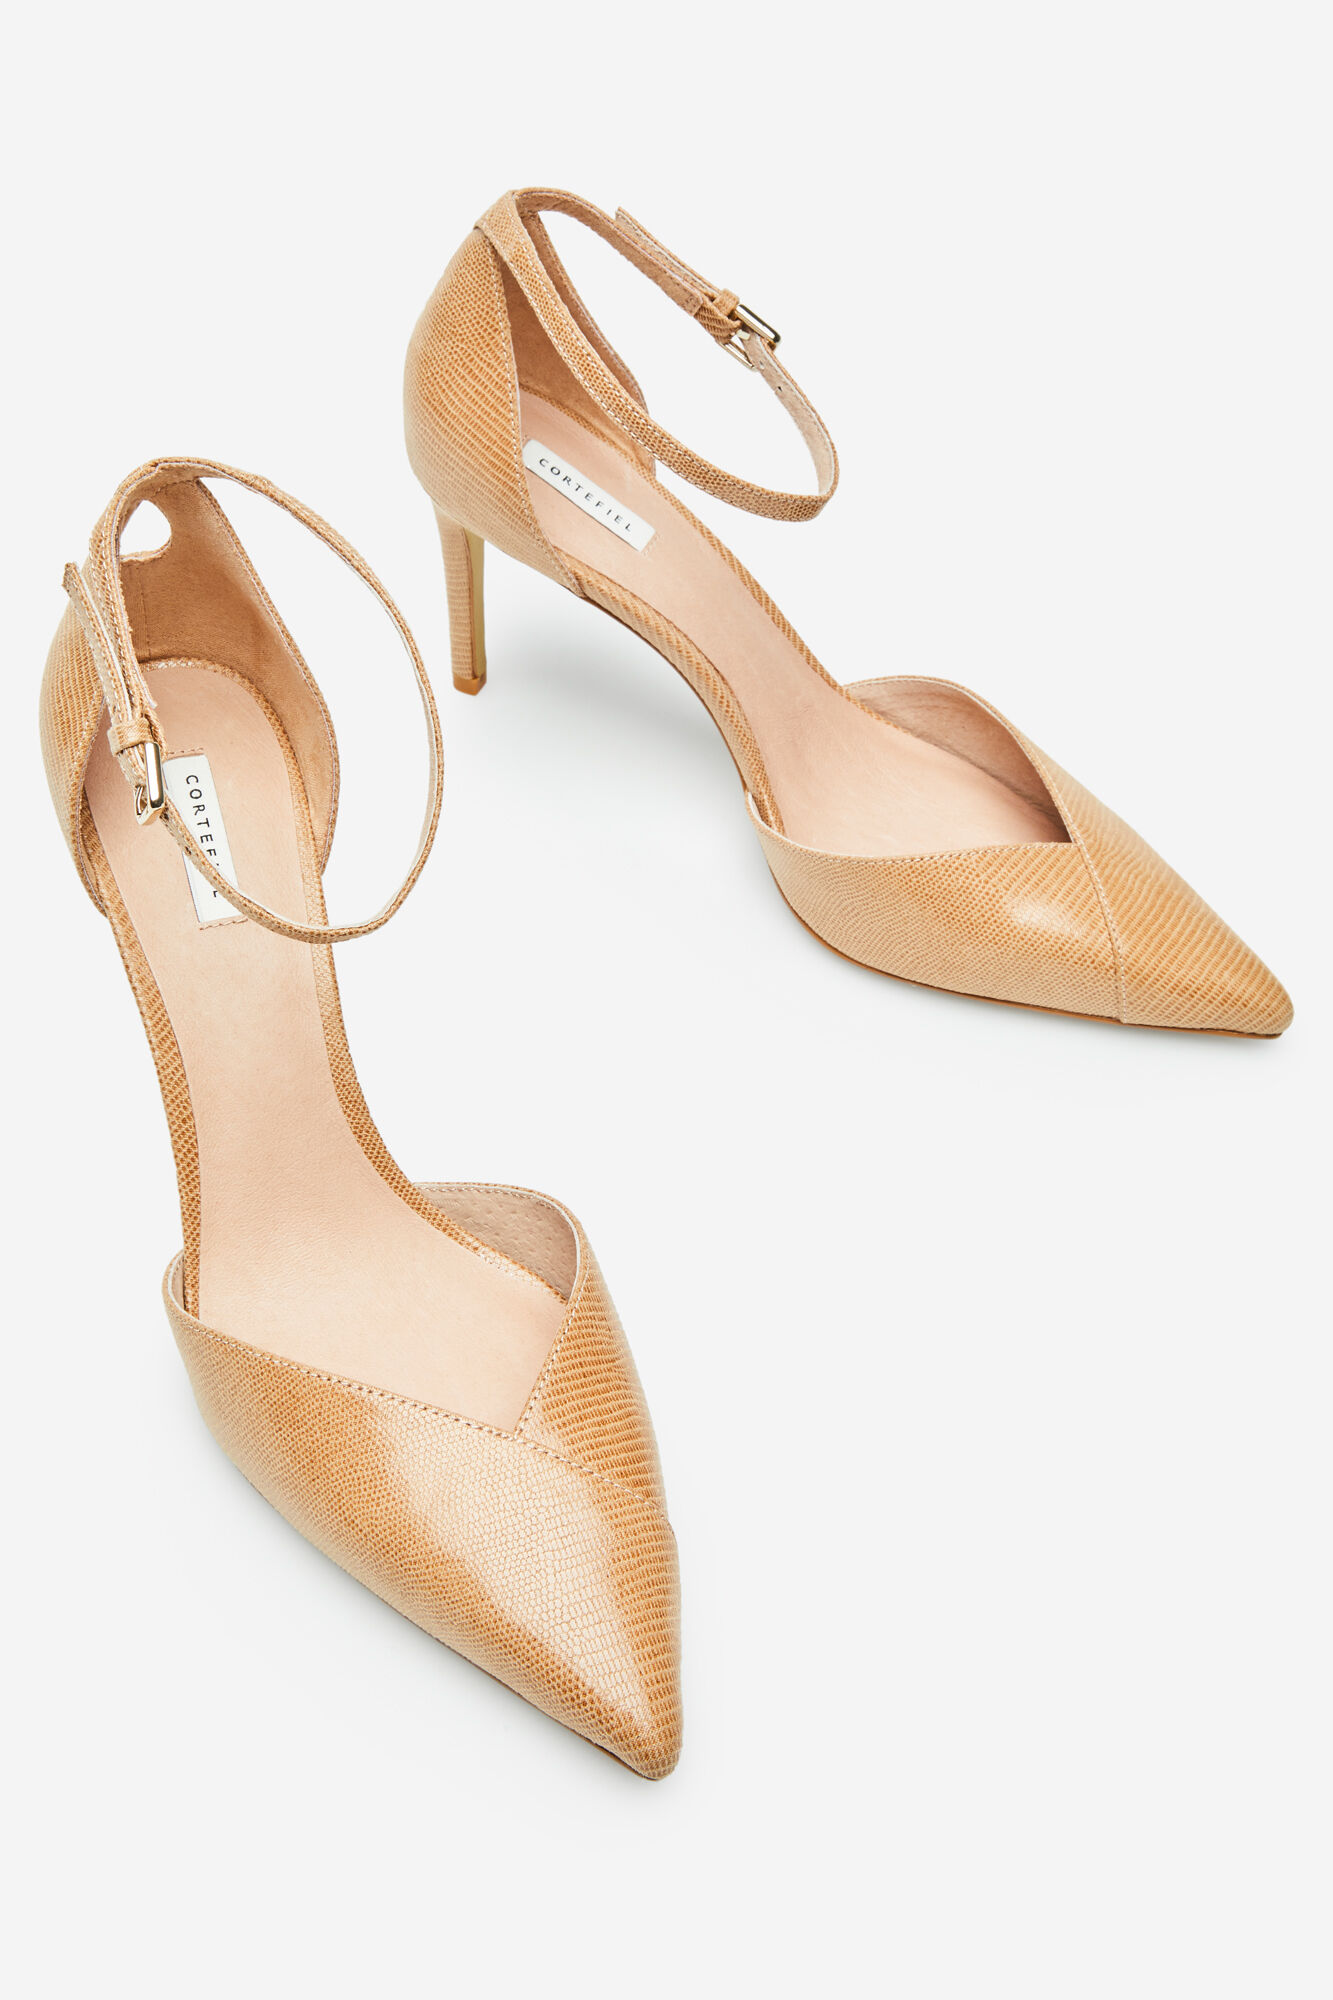 De Zapatos MujerCortefiel De Zapatos Zapatos De MujerCortefiel yN8wvOmn0P